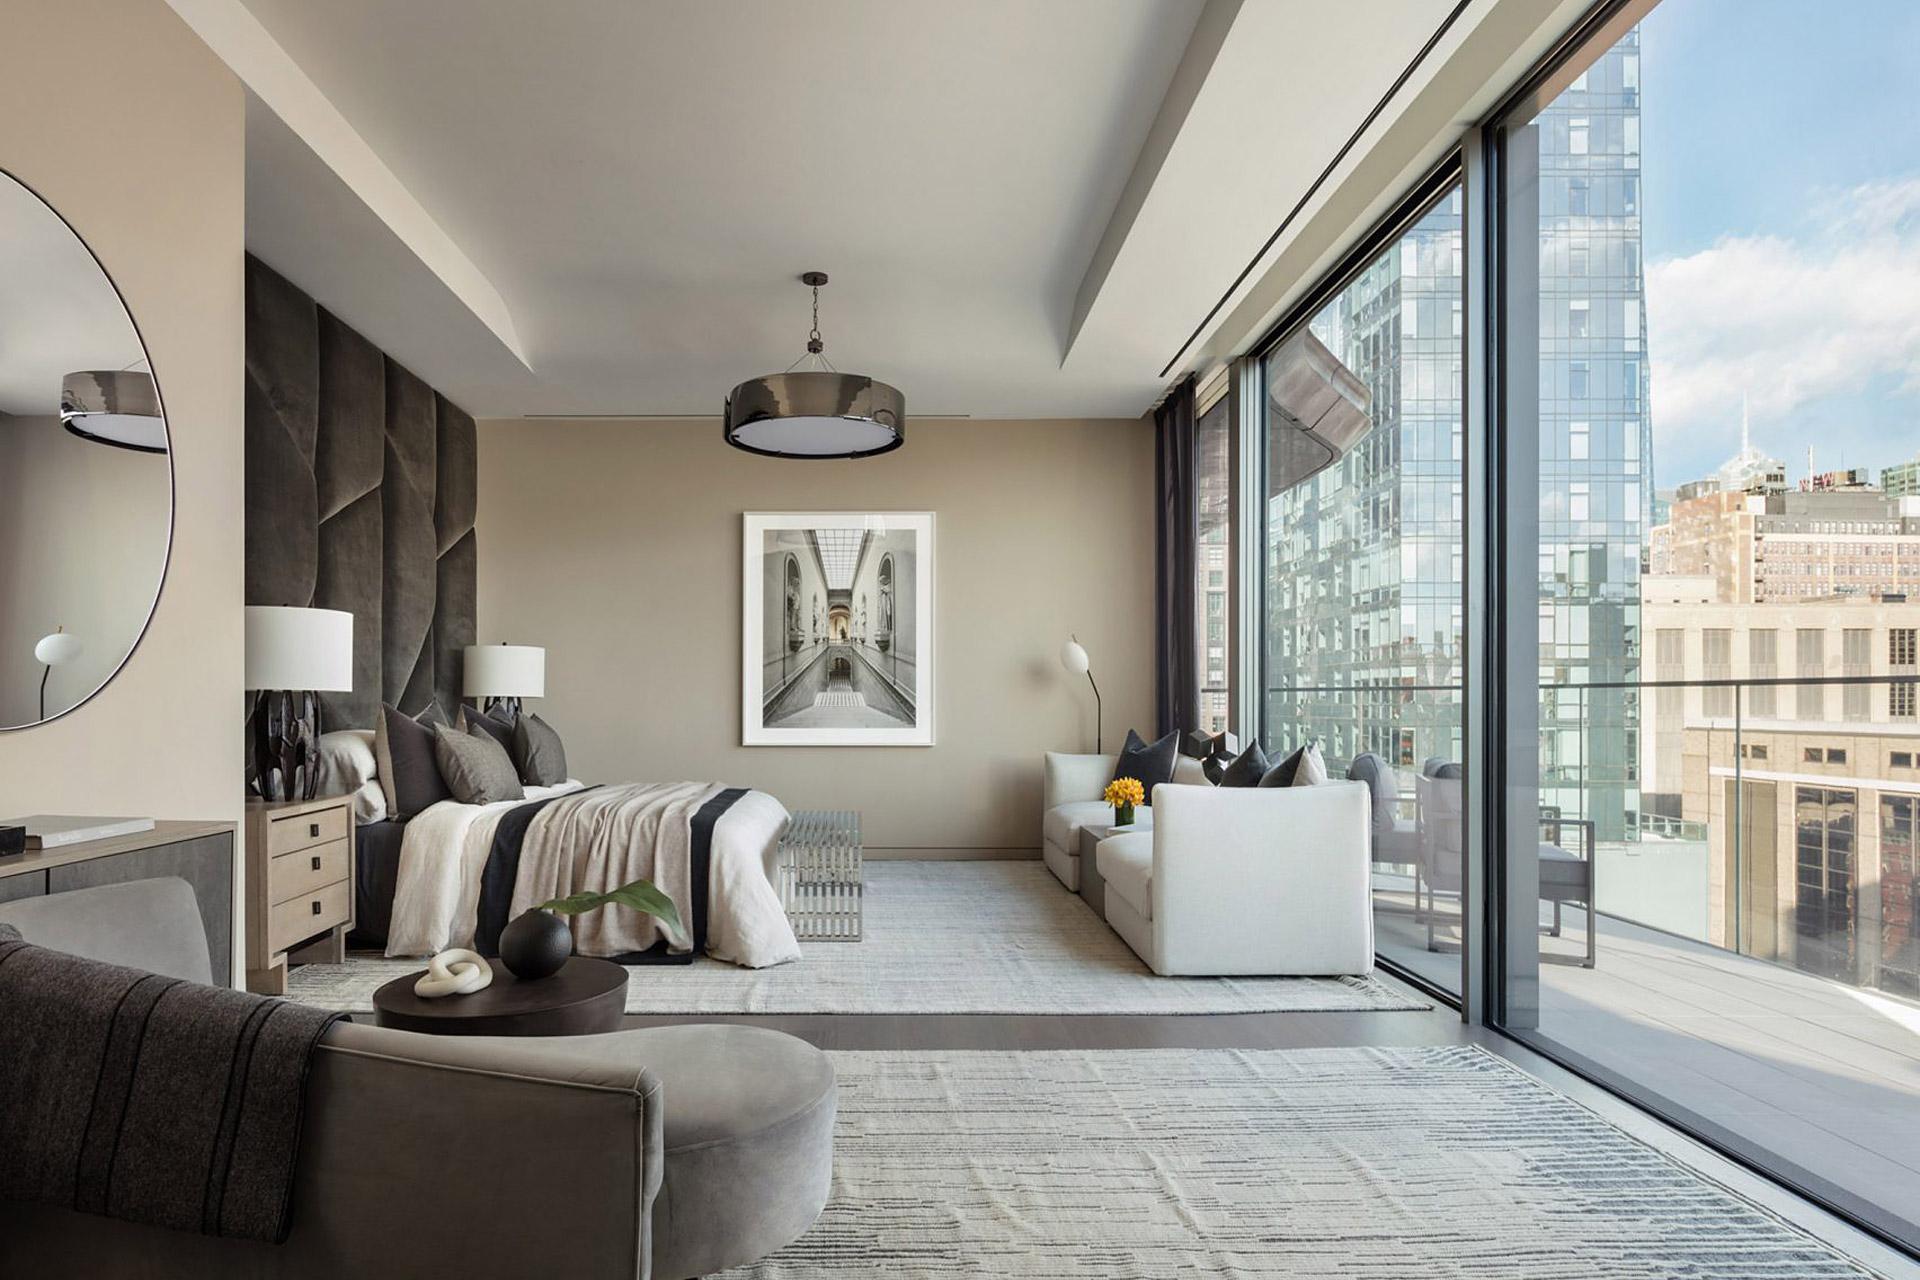 Das $48 Millionen Dollar Penthouse in Manhattan von Zaha Hadid 5